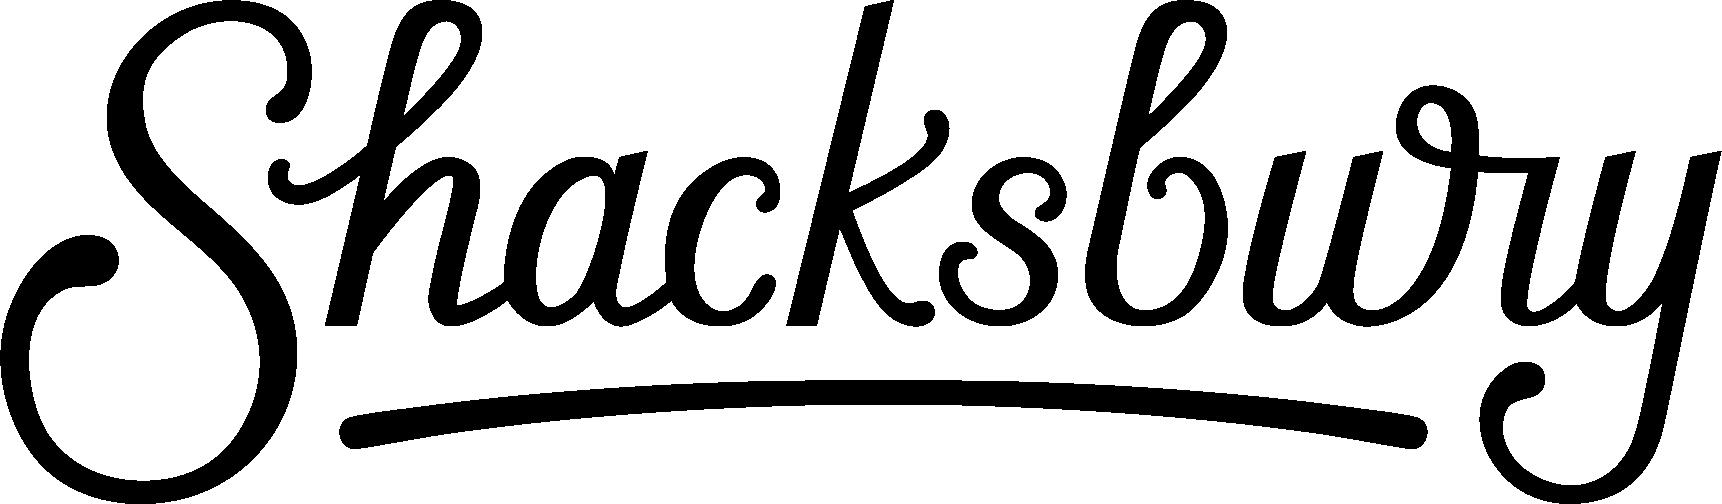 Shacksbury_Logo_Horizontal.png